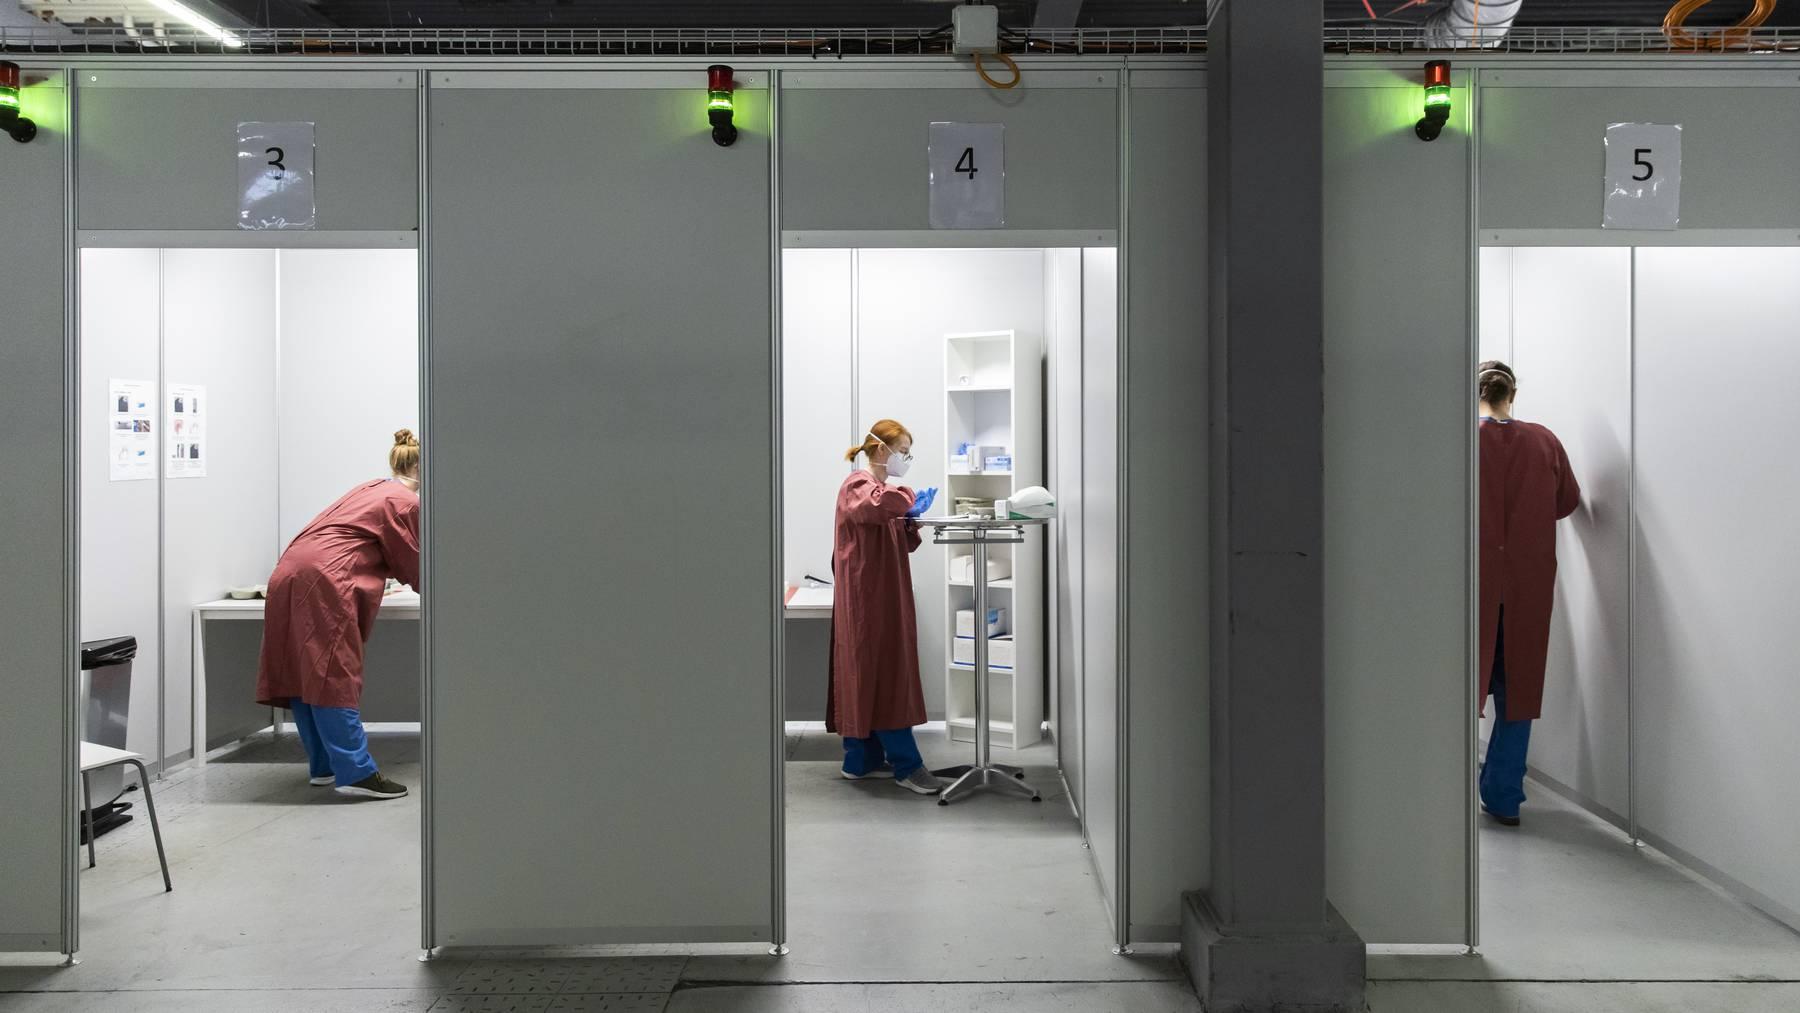 Fachpersonal bei der Arbeit in den Untersuchungskabinen in der Abklaerungs- und Teststation ATS Feldreben, am Donnerstag, 3. Dezember 2020, in Muttenz. Bundesrat Berset besuchte den Kanton Basel Landschaft im Zusammenhang mit der Situation um die Coronavirus Pandemie, Covid-19.